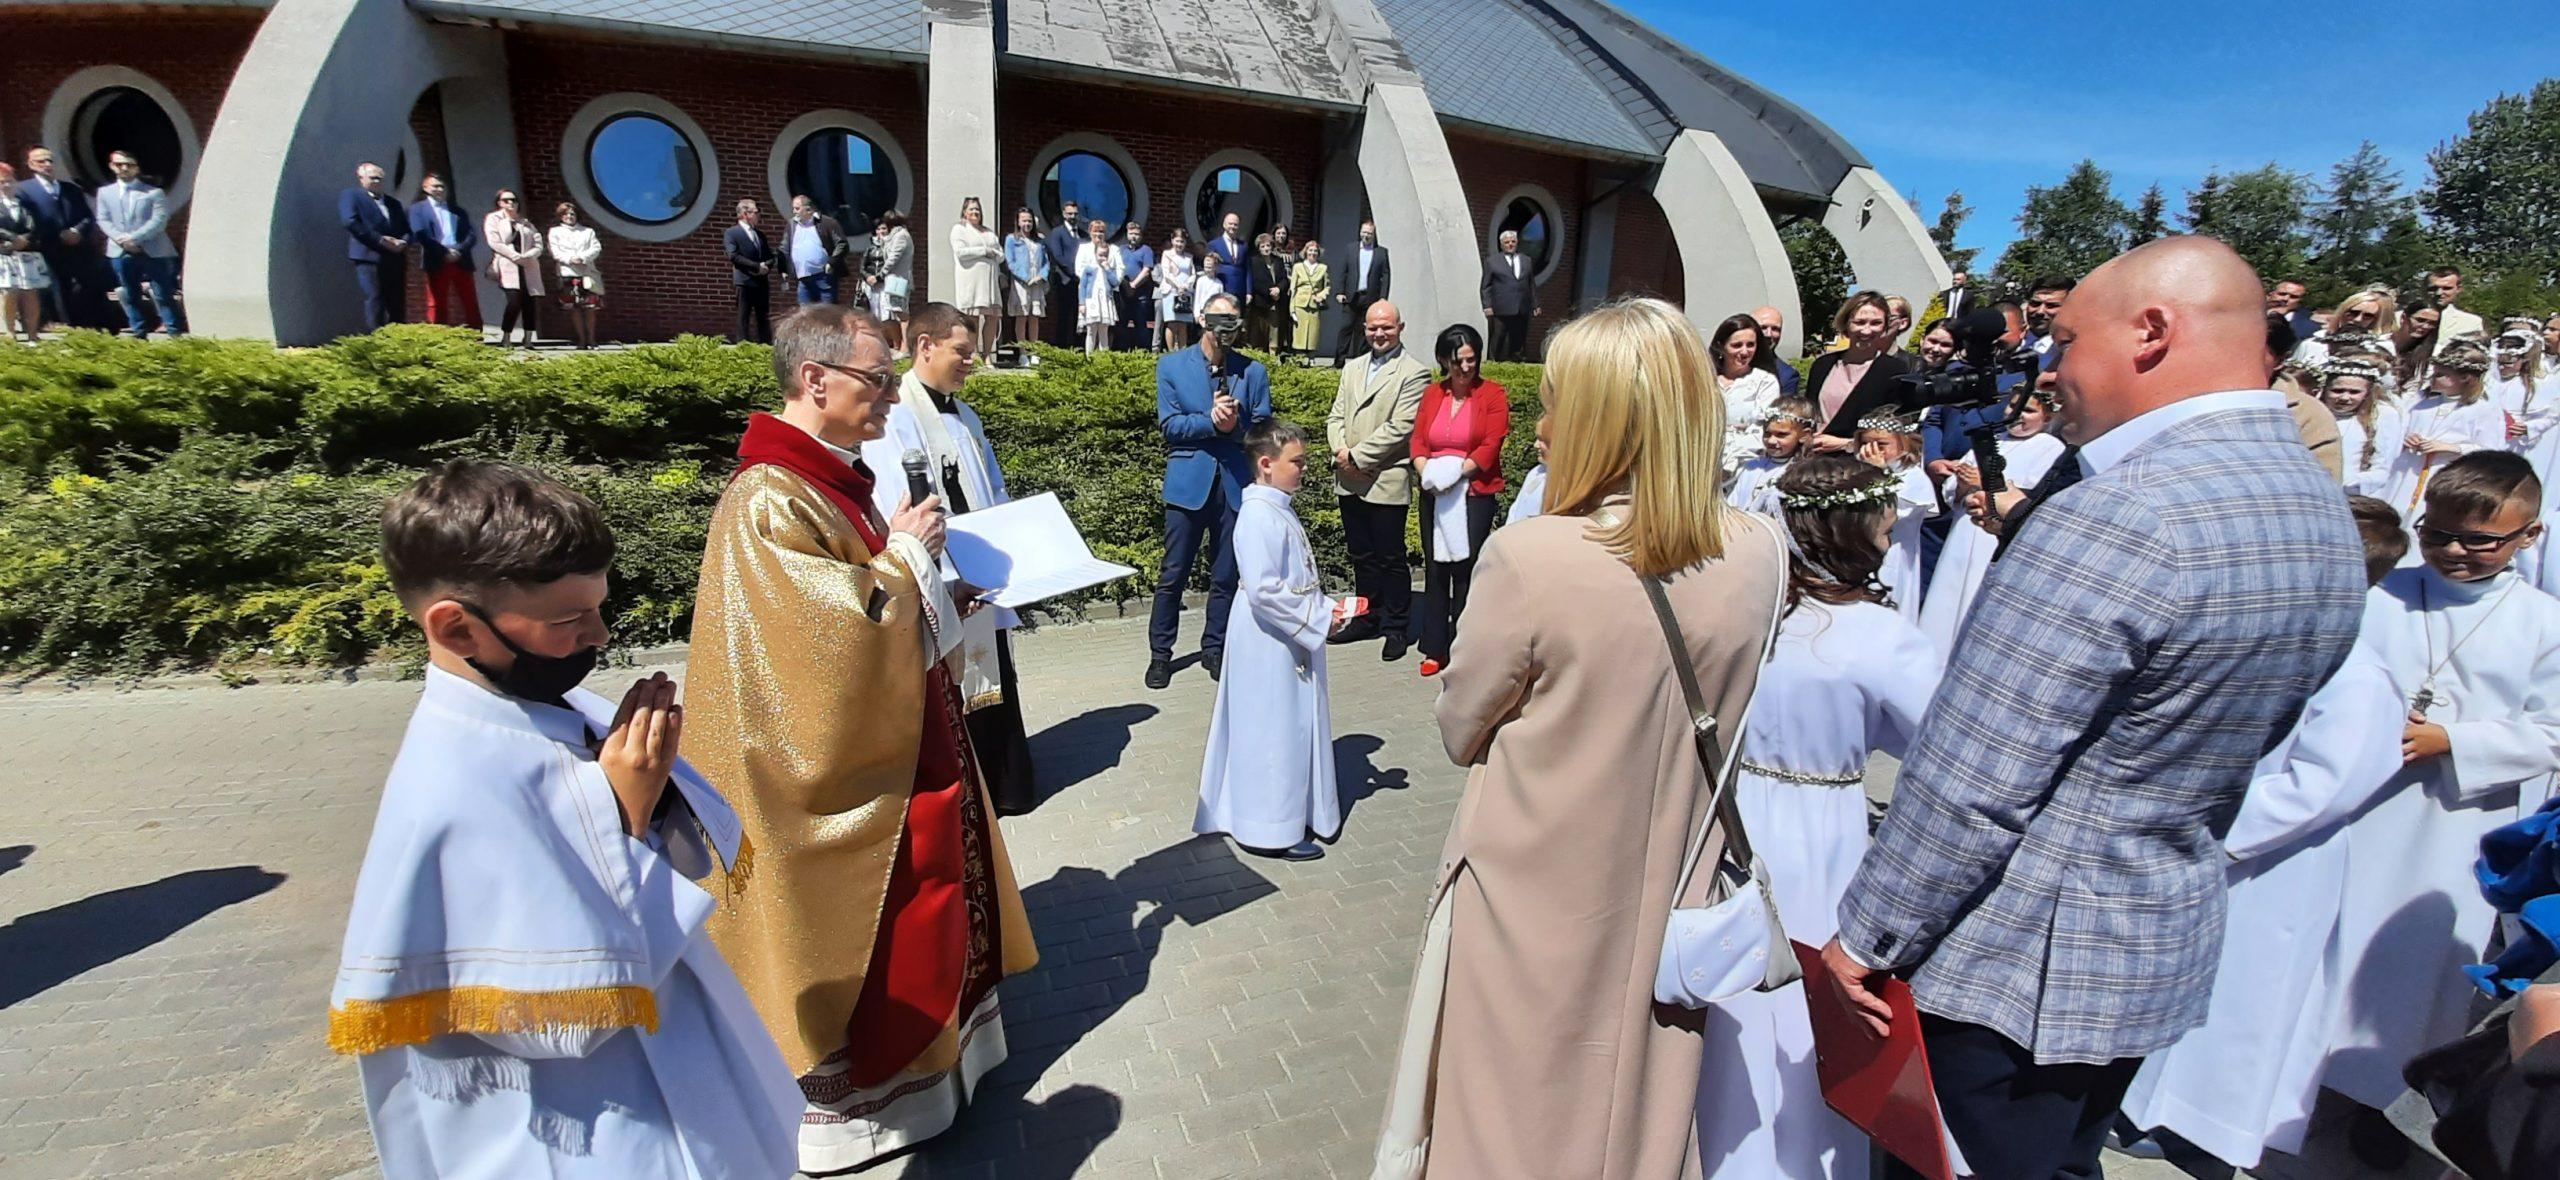 Puck, Pierwsza Komunia święta (30.05.2021) w Przystani Miłosierdzia;  Parafia św. Faustyny Kowalskiej w Pucku | FOTO, WIDEO